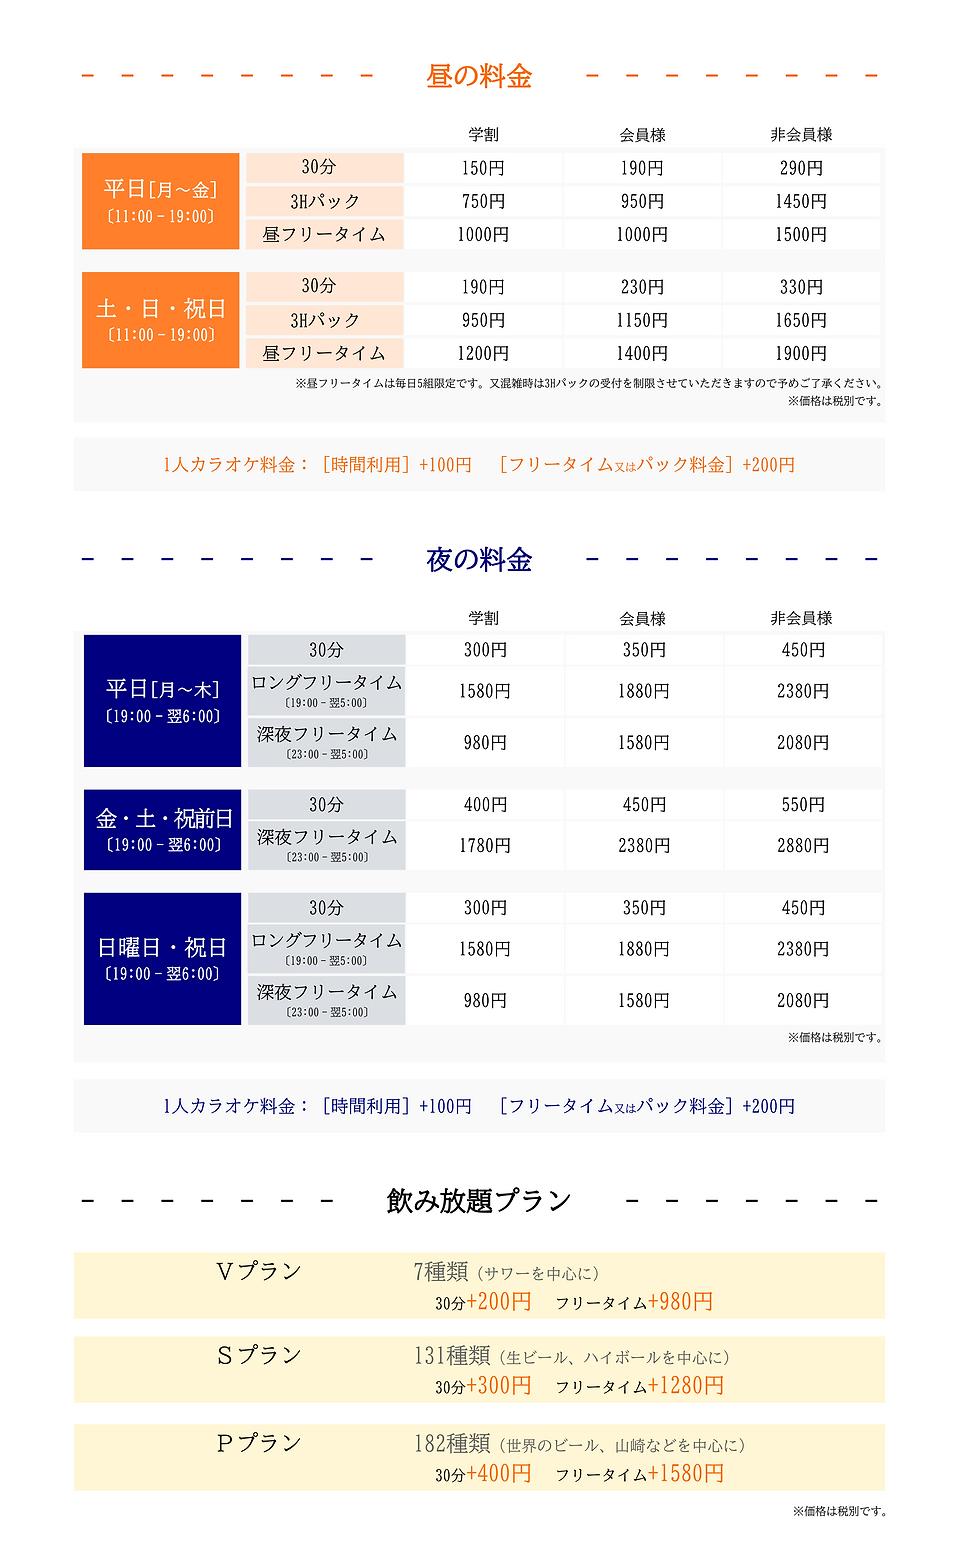 【新】馬場料金表.png